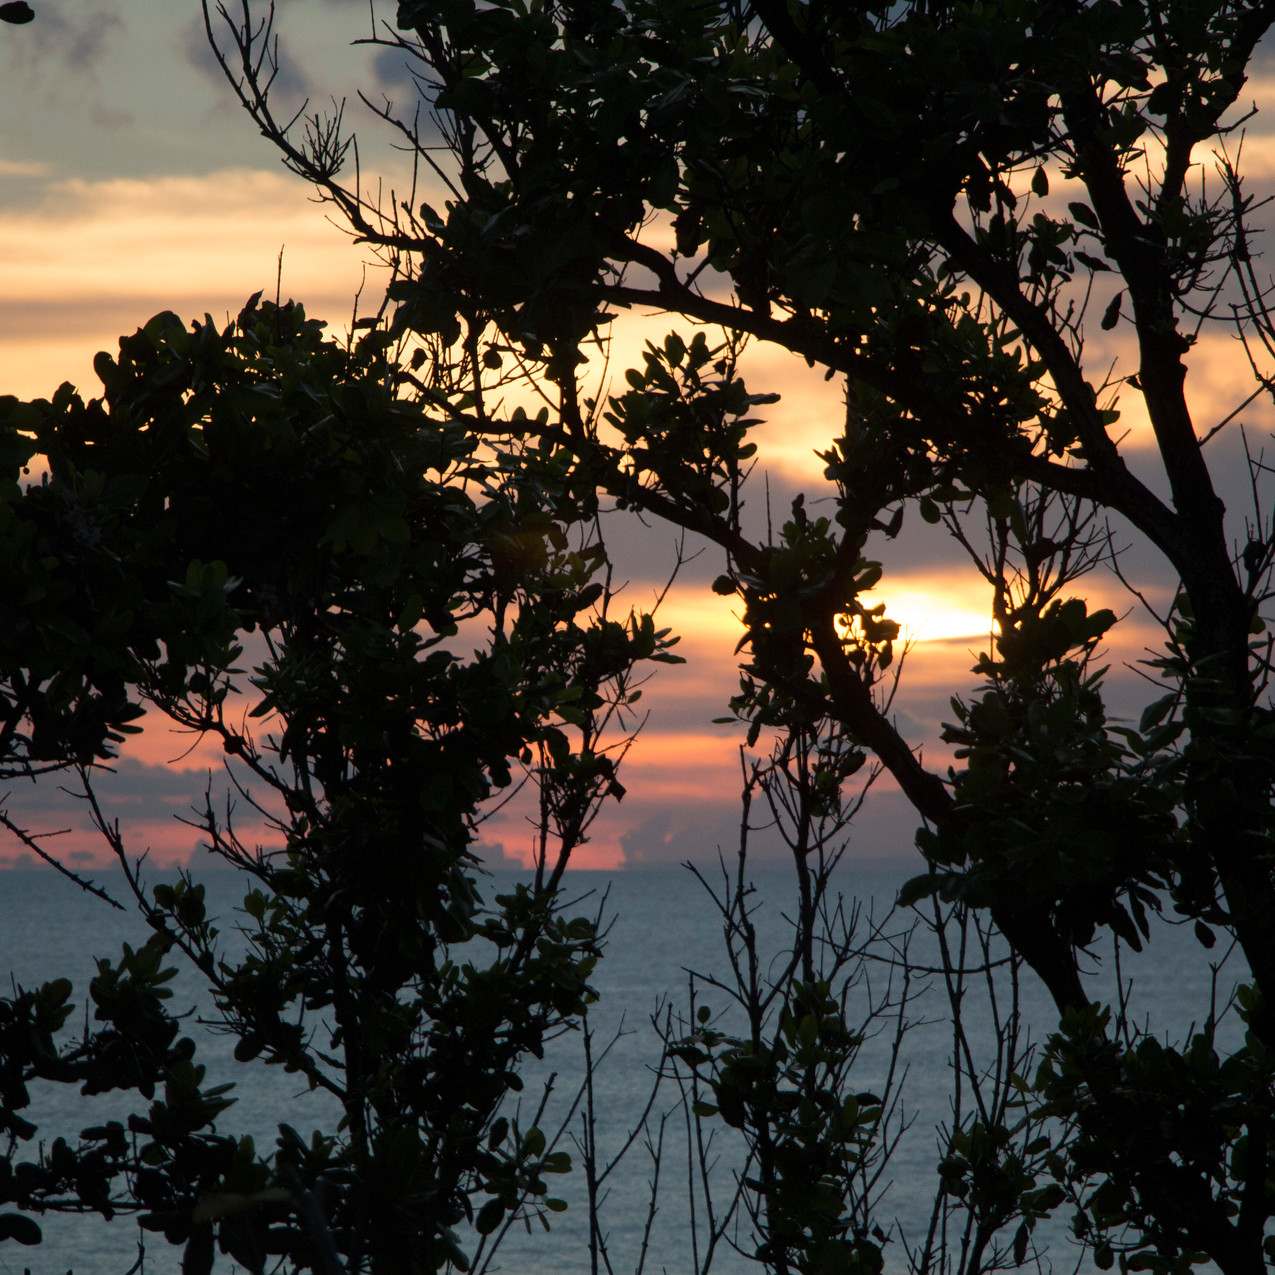 Sunset from Hotel Indigo